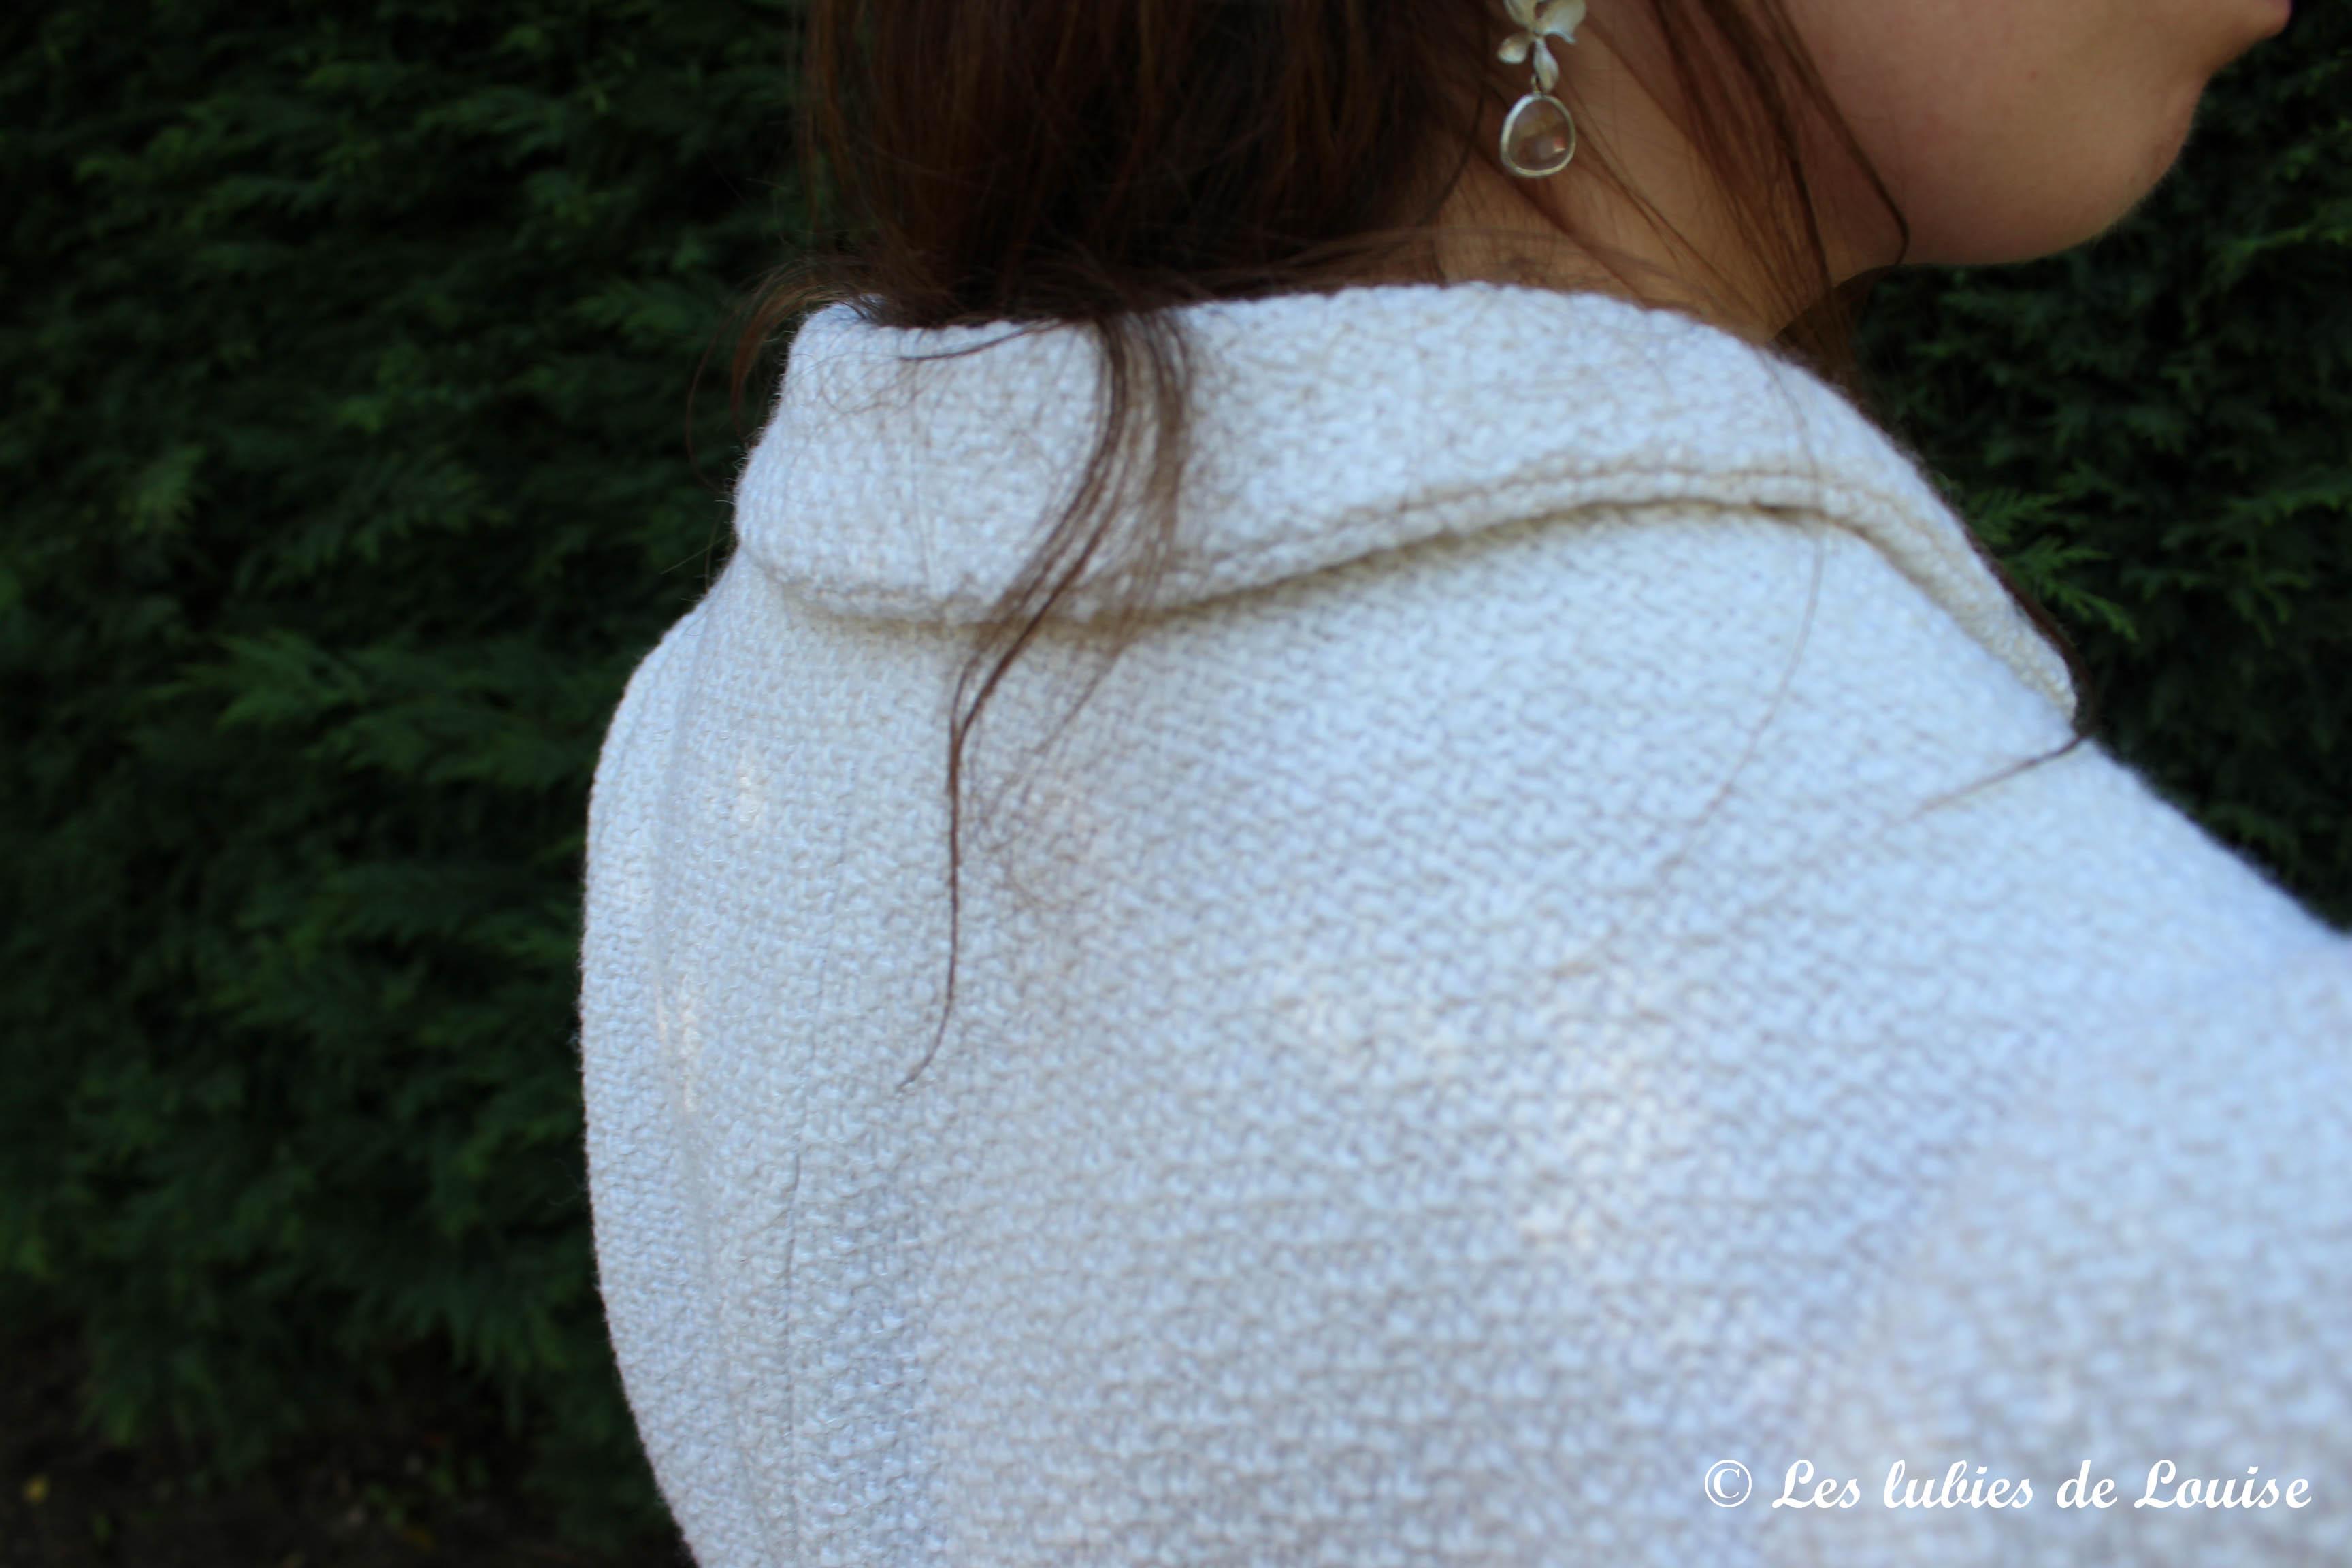 2013-10-21- Veste pavot crème - les lubies de louise (5 sur 15)